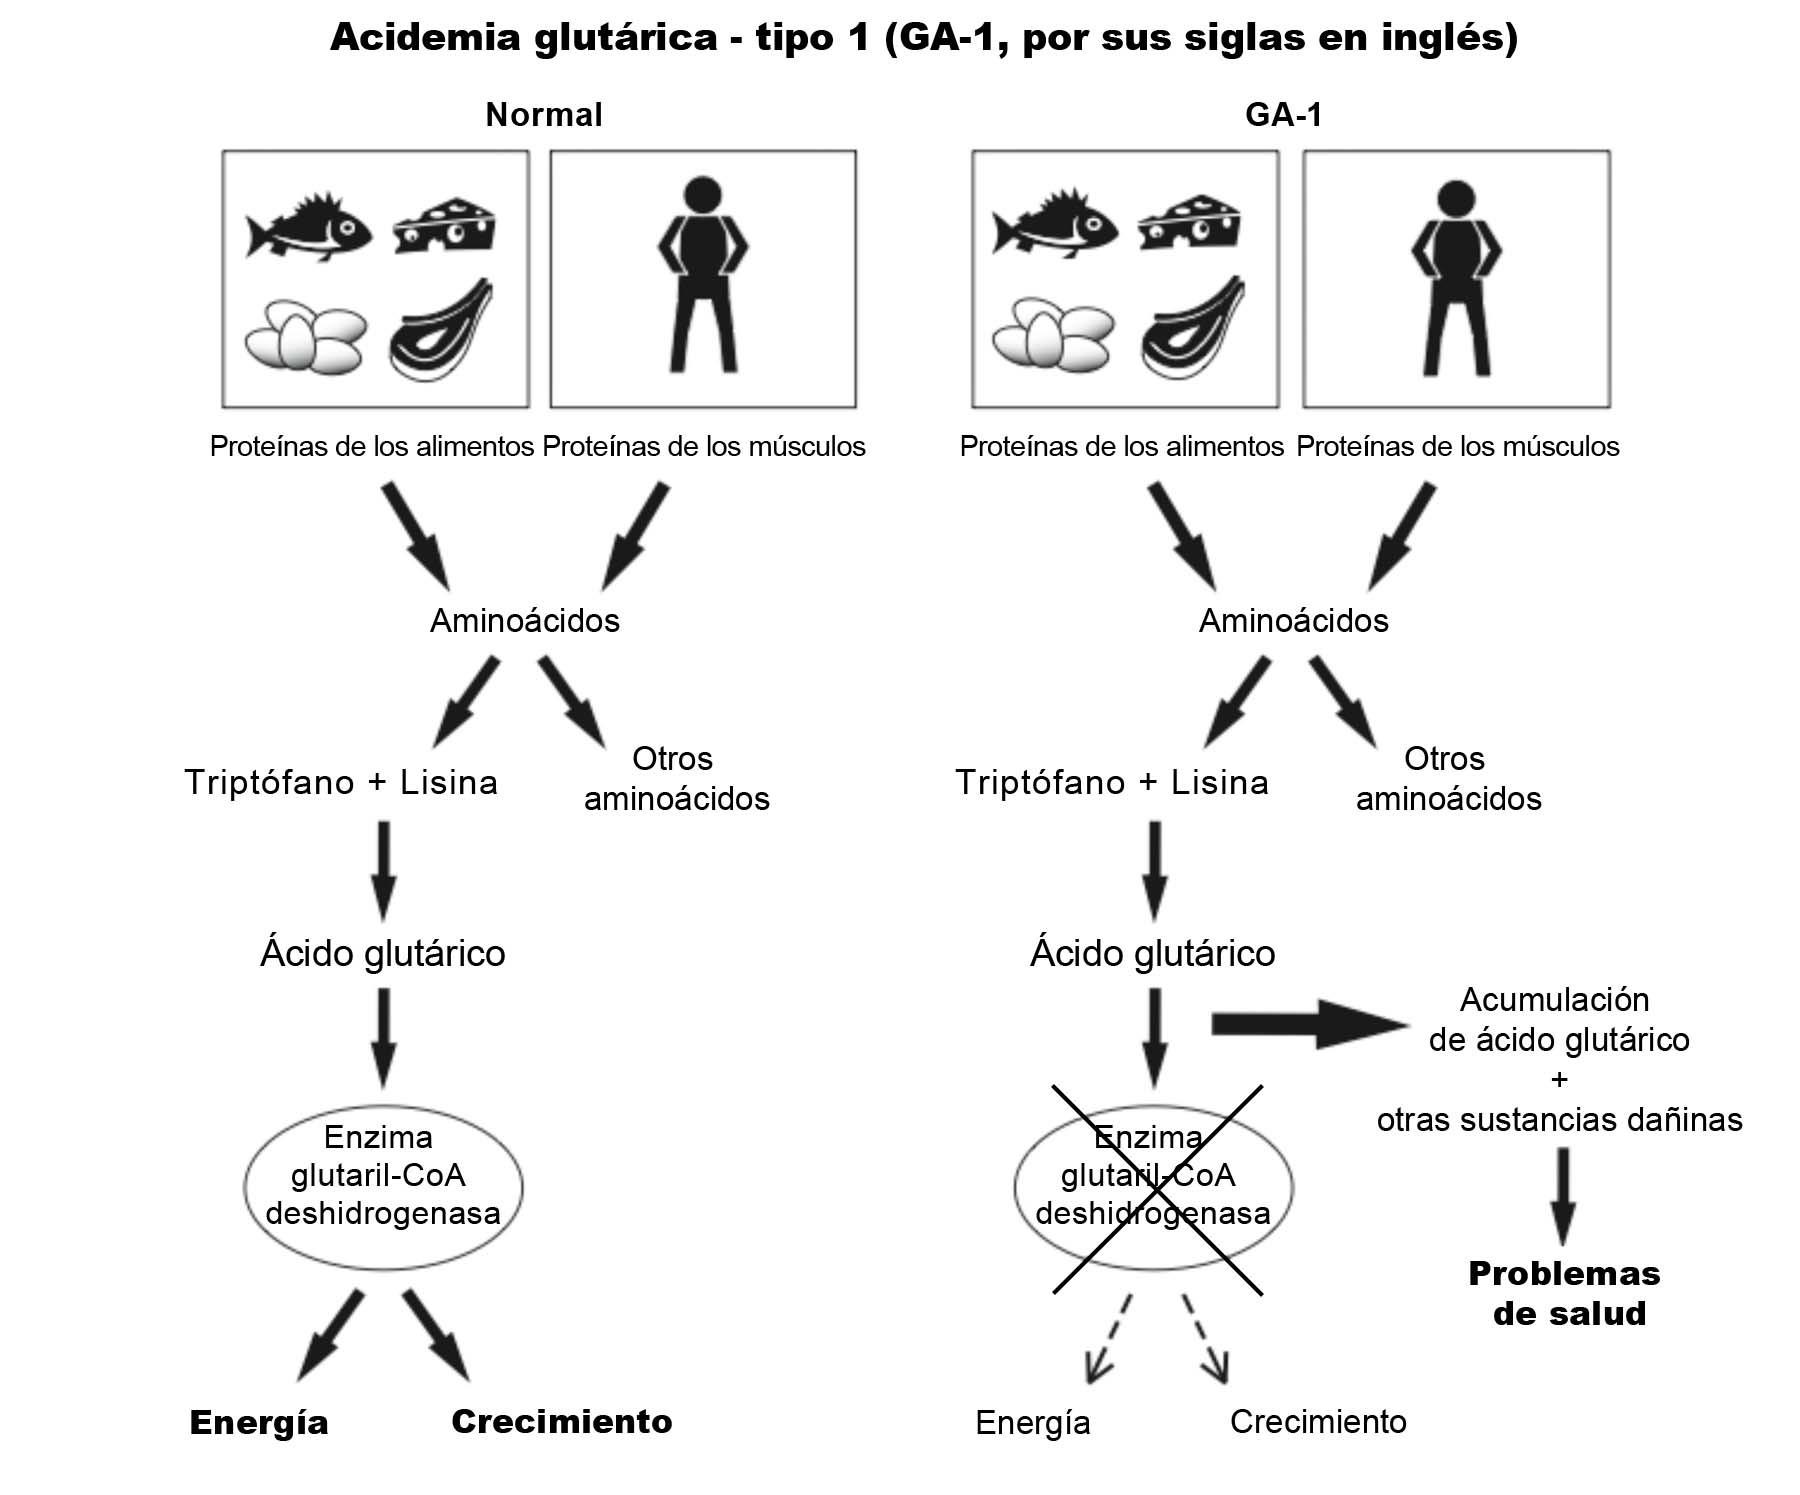 GA1 Diagram